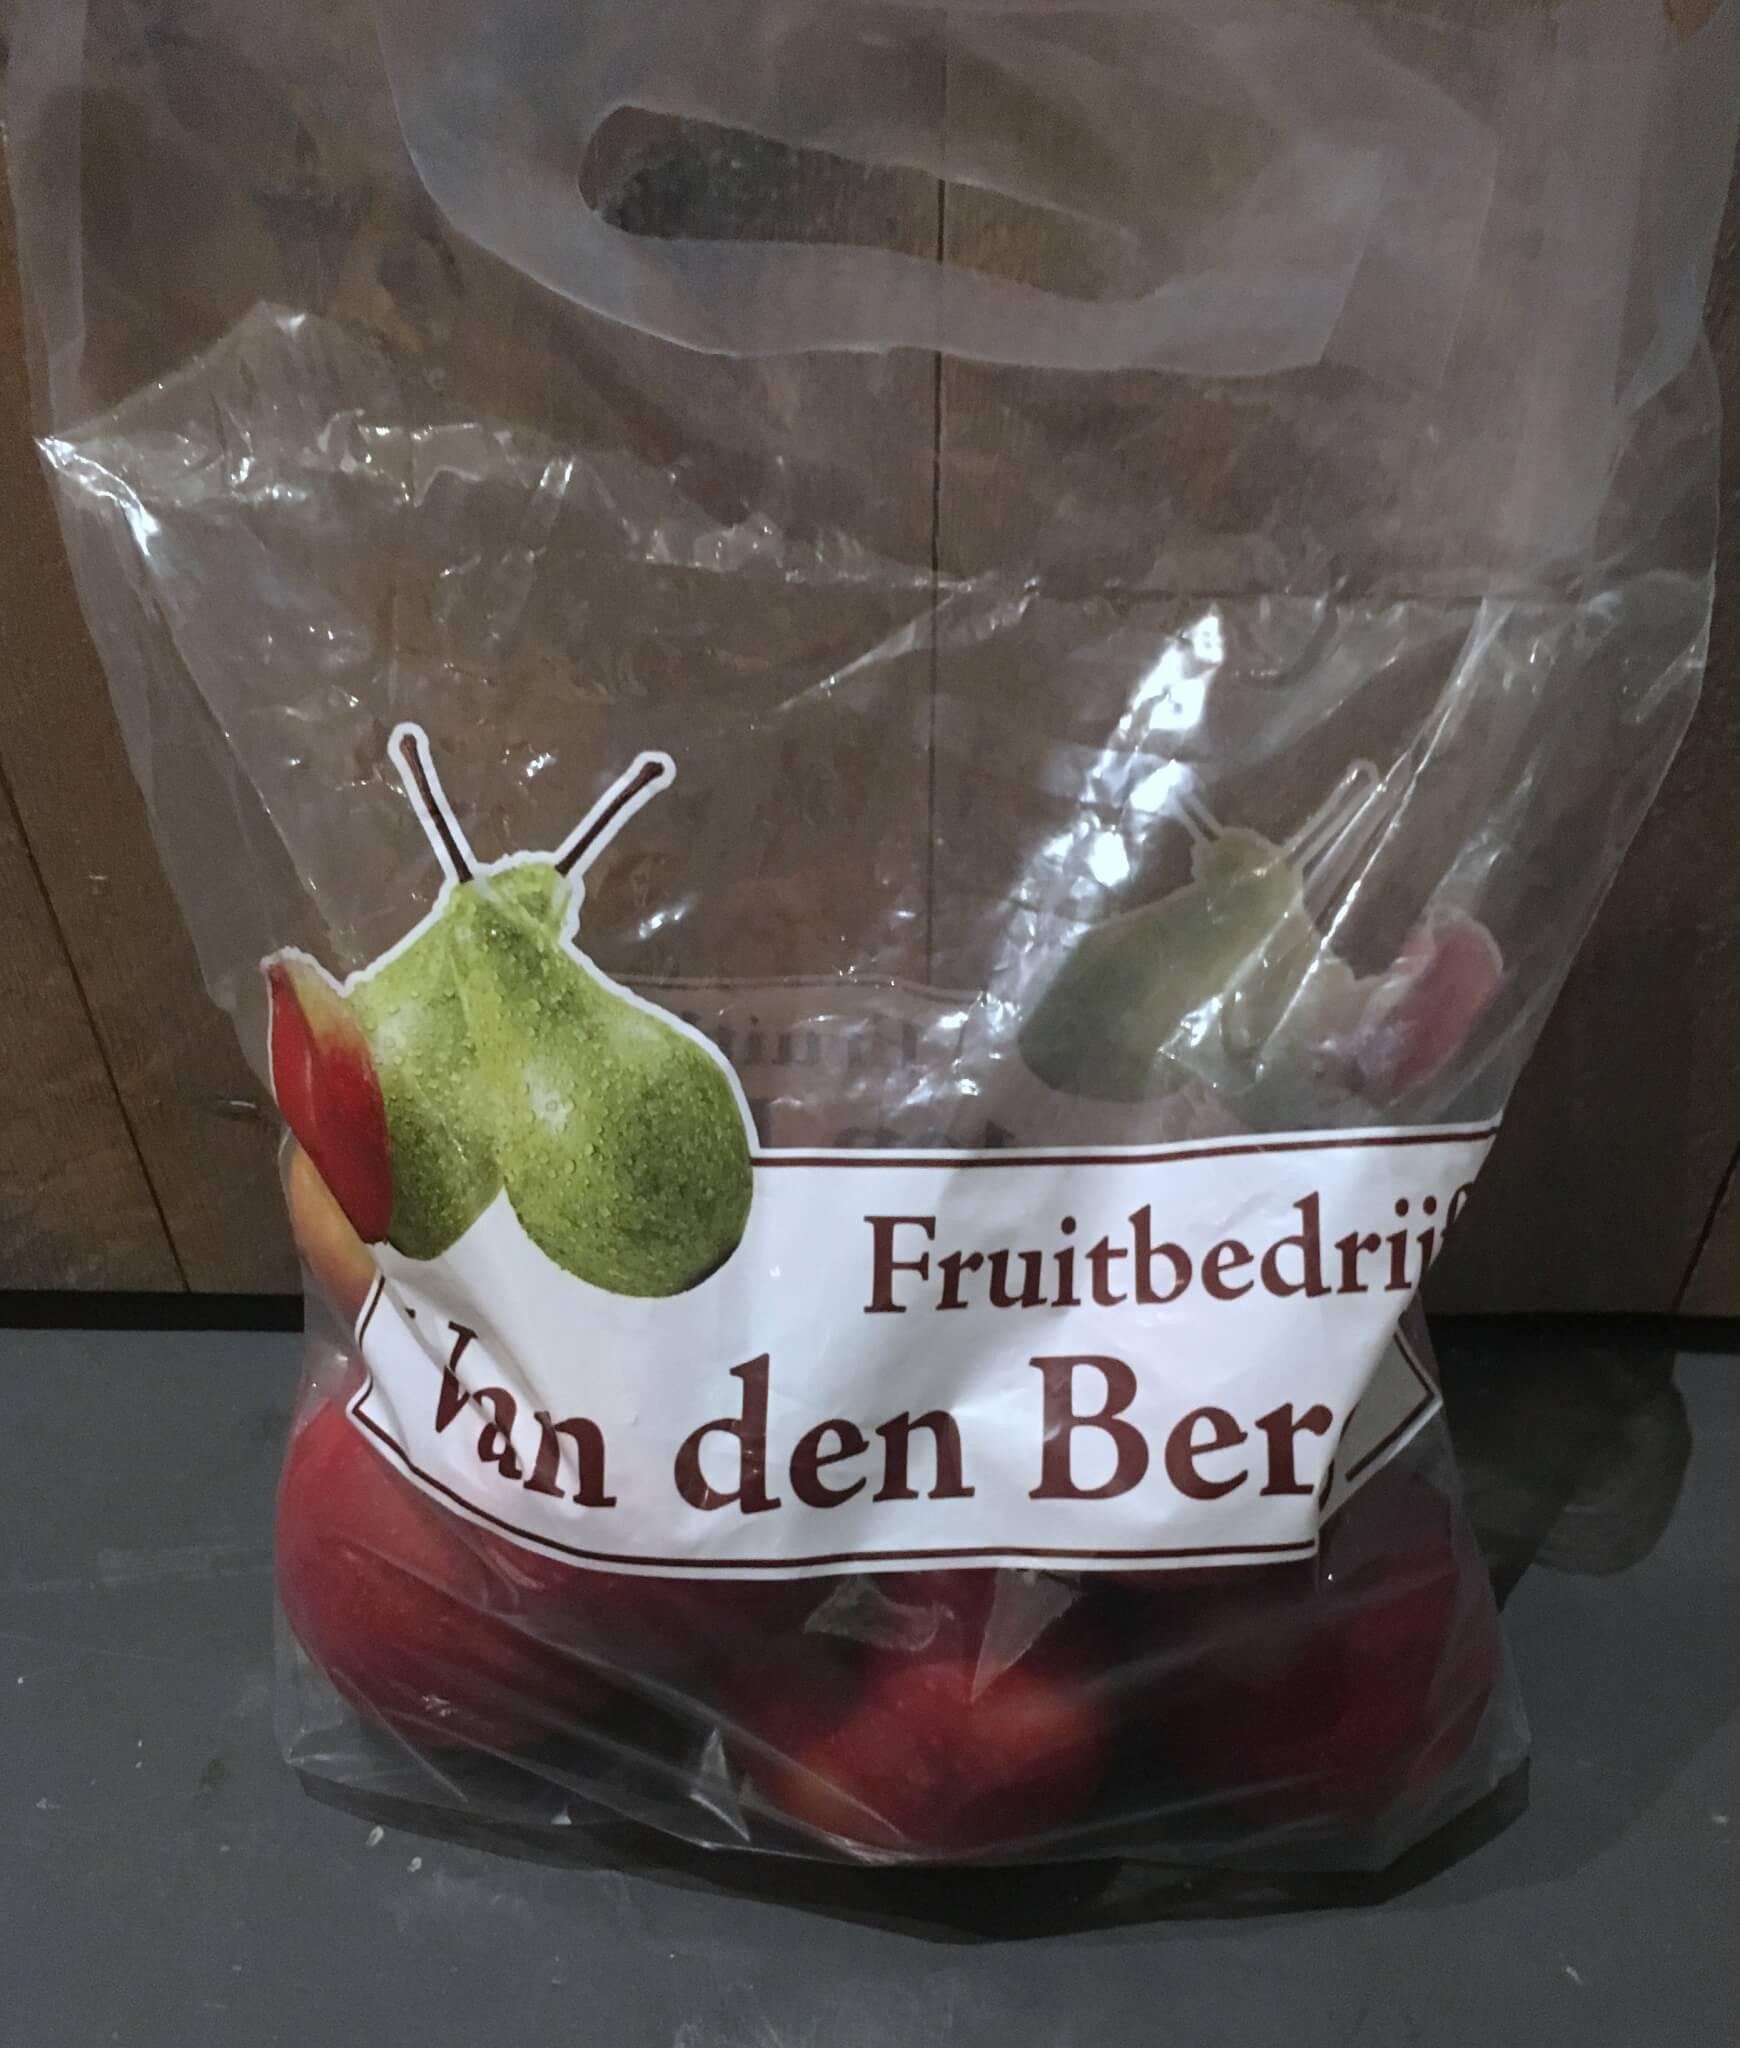 Fruitbedrijf Van den Berge: Jonaprince 2017 tasje